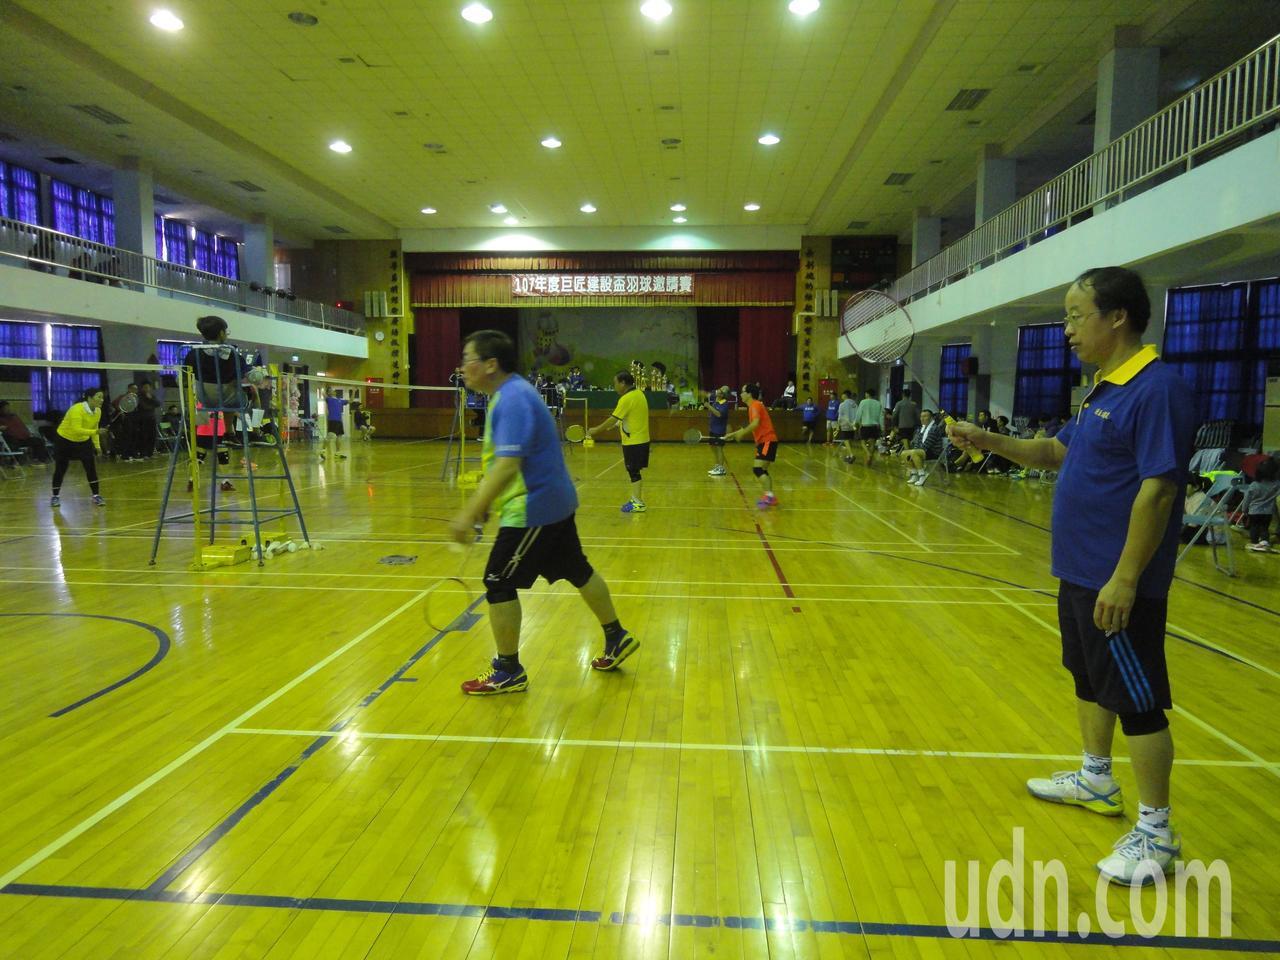 彰化縣巨匠建設盃羽球賽設110歲、120歲組的分齡賽。記者簡慧珍/攝影